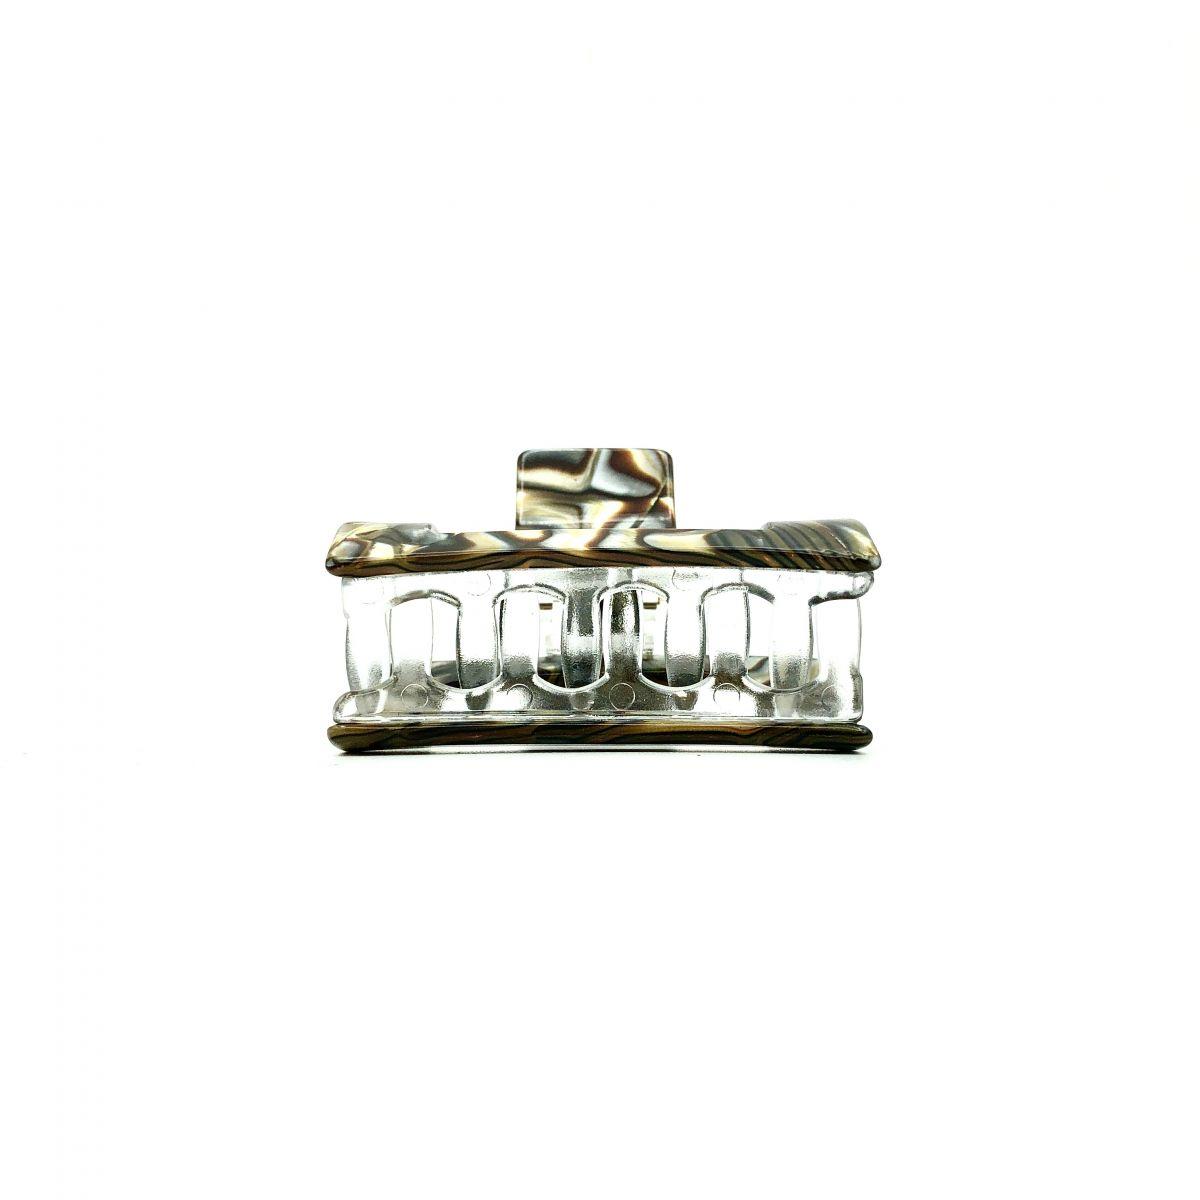 Haarklammer perlmutt/braun - klein, eckig - 6 cm